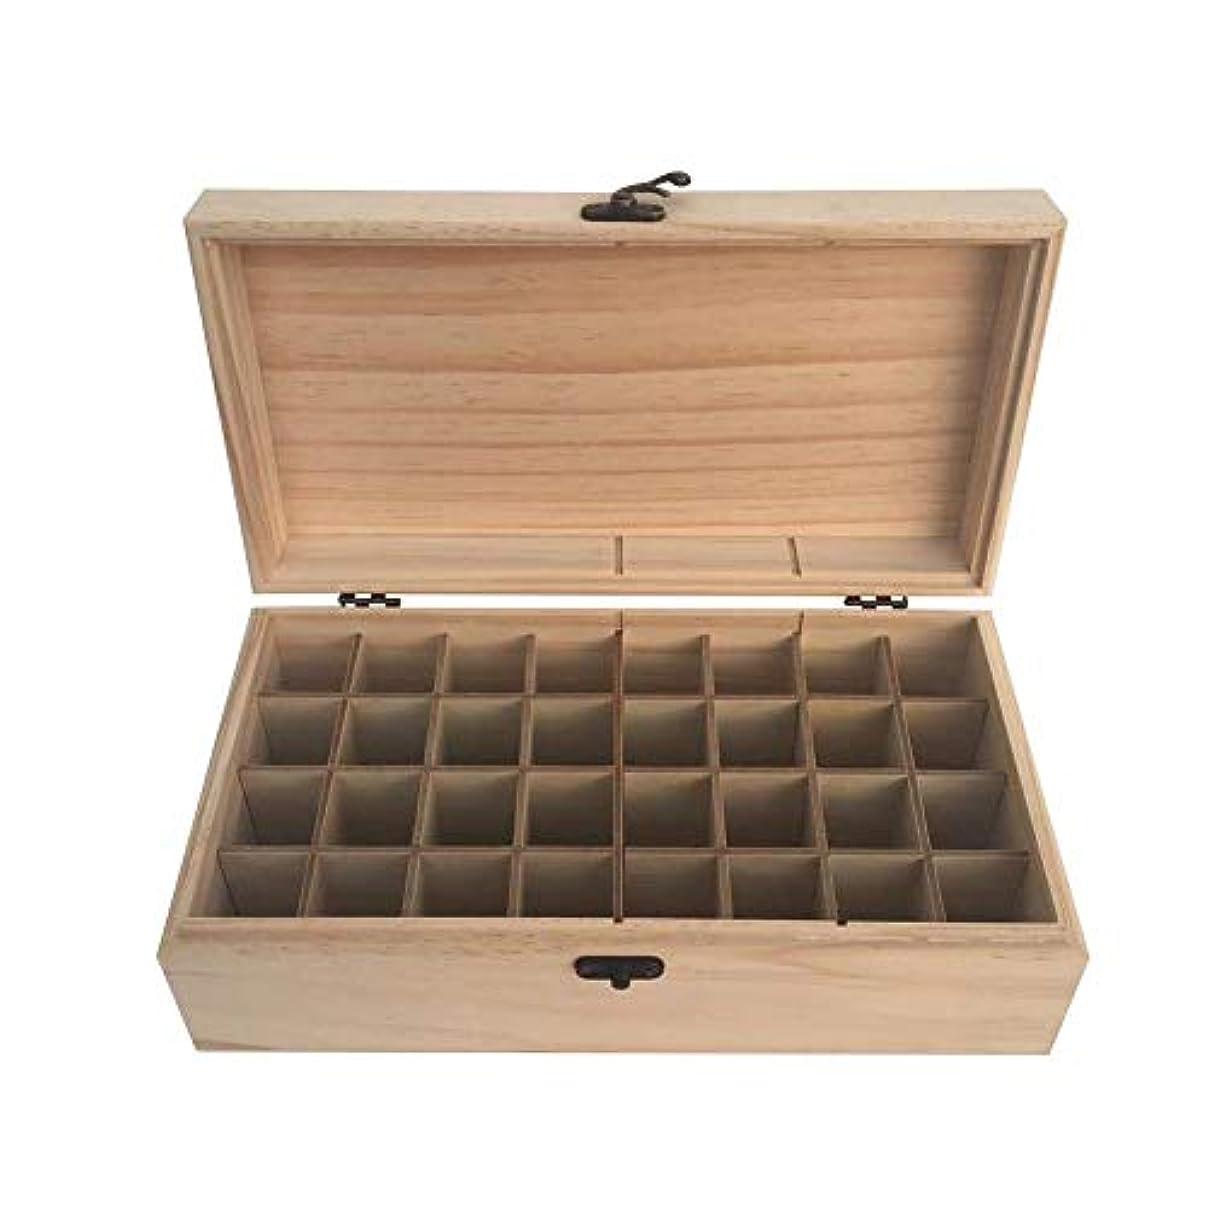 他の場所貢献するカストディアンエッセンシャルオイル収納ボックス 精油収納ケース 大容量 32本収納可能 取り外し可能 木製 環境に優しい 5ml~15mlの精油ボルトに対応 junexi